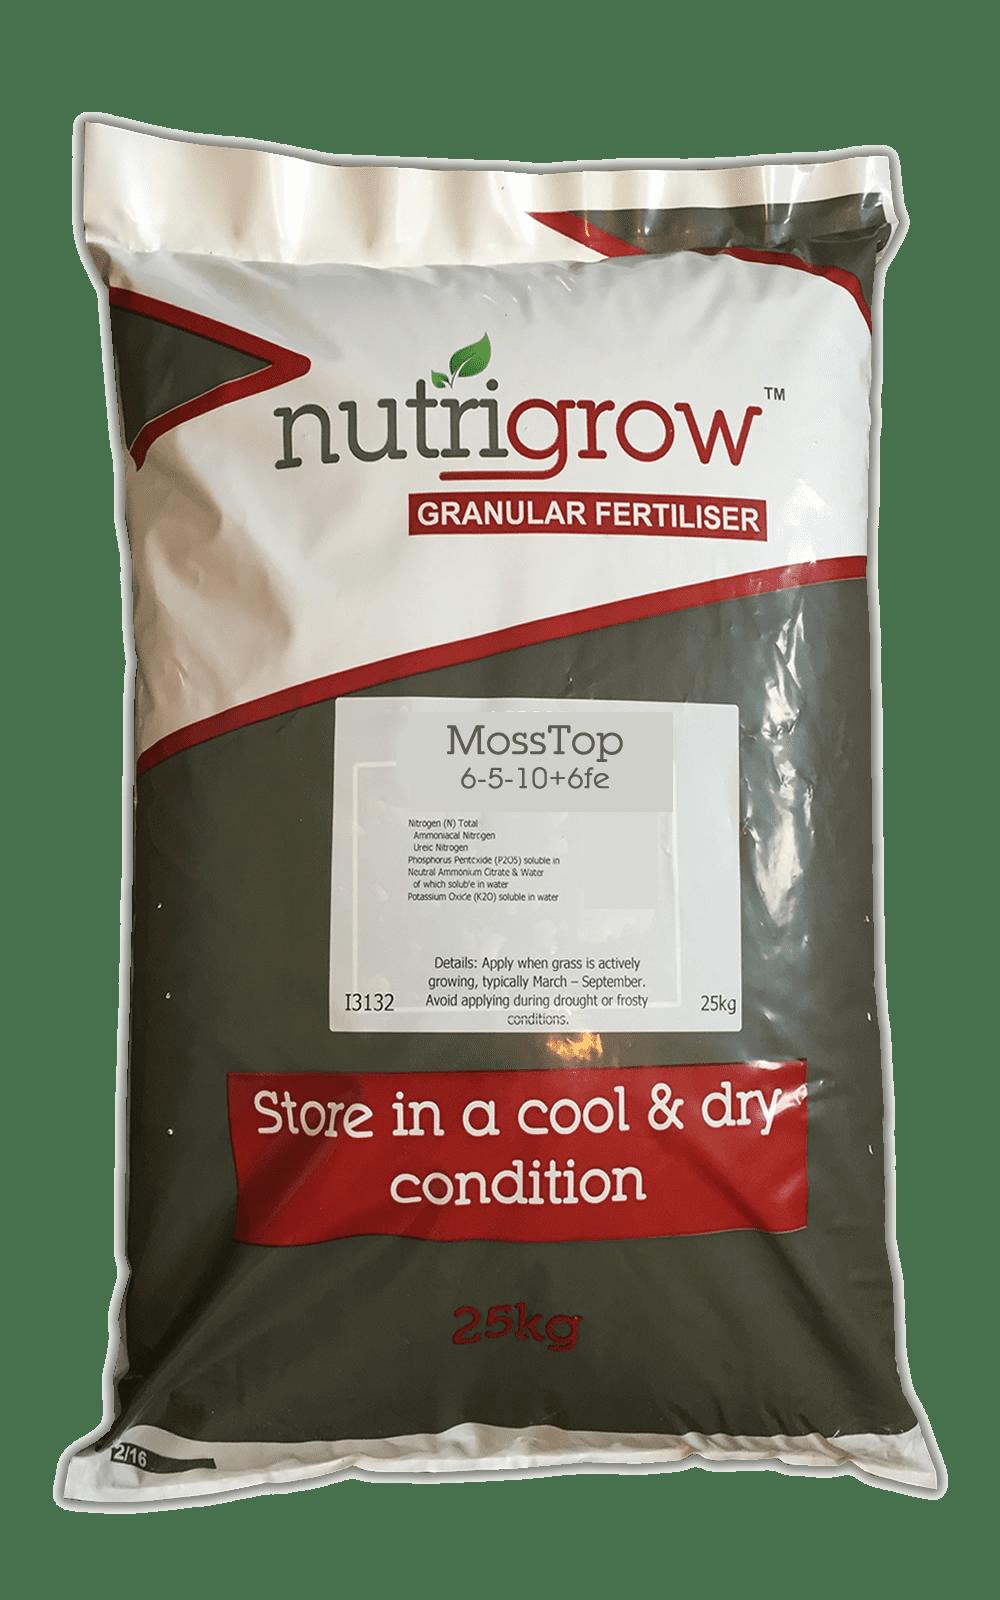 6-5-10+Fe Nutrigrow MossTop 10kg